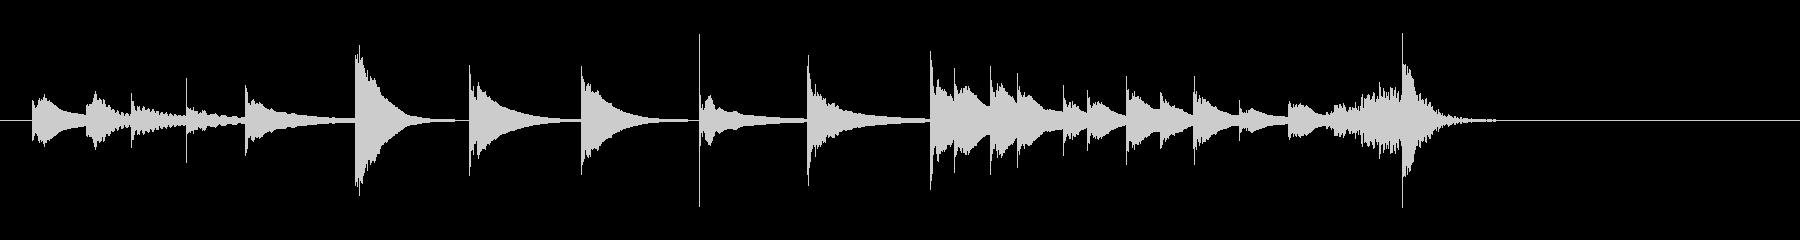 アクセント、音楽、パーカッション木琴音楽の未再生の波形